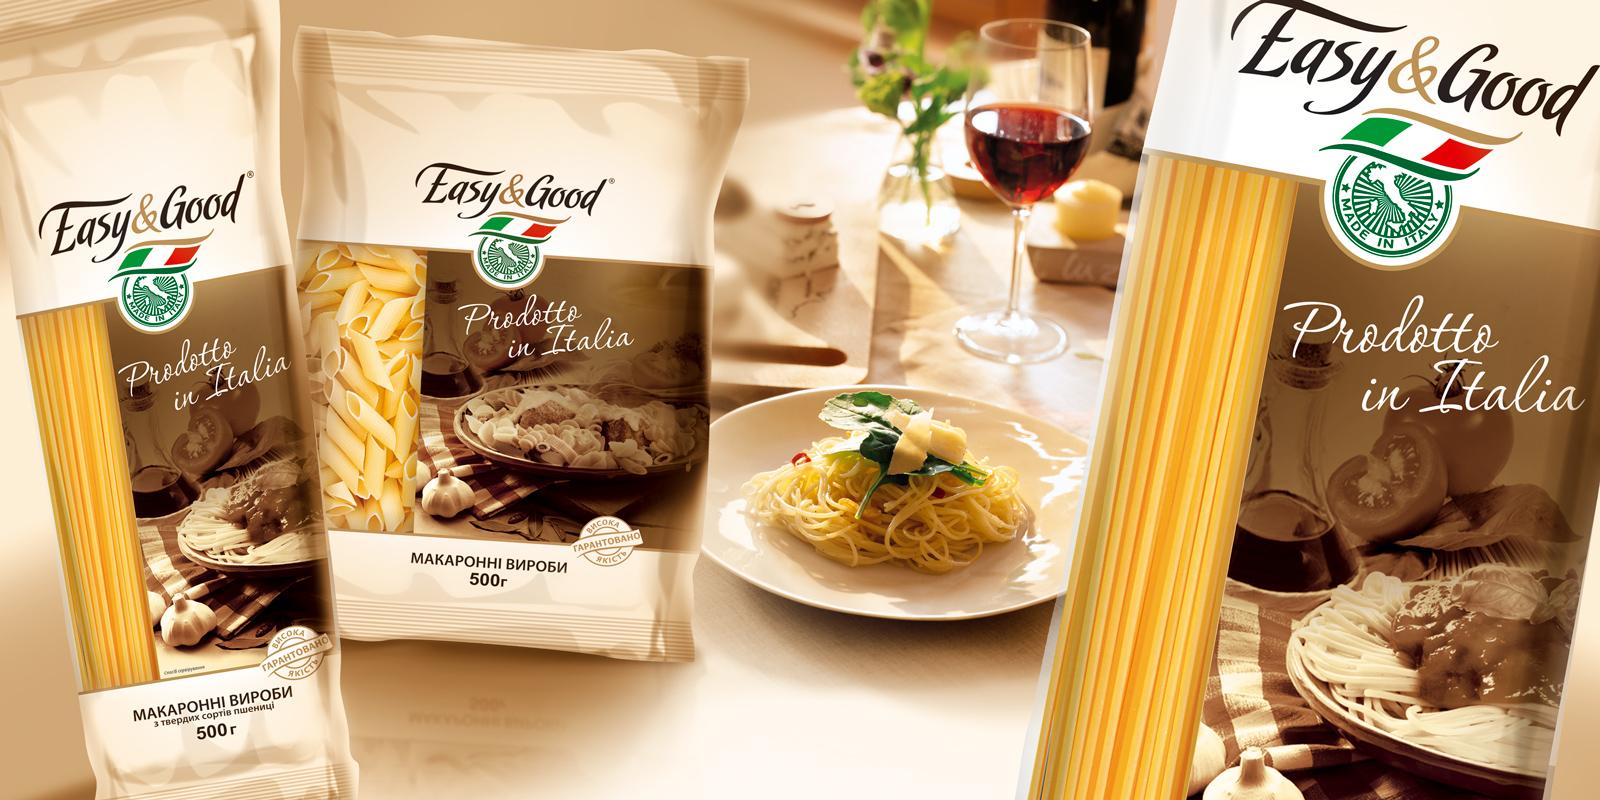 СТМ Easy&Good ;;;;;;Разработка дизайна упаковки CТМ Easy&Good  (более 200 SKU — food, non food). ;;;;;;<span>Клиент:</span> Сеть гипермаркетов «Караван»;;;;;;;;;;;;Разработка дизайна упаковки CТМ Easy&Good  (более 200 SKU — food, non food). ;;;;;;9